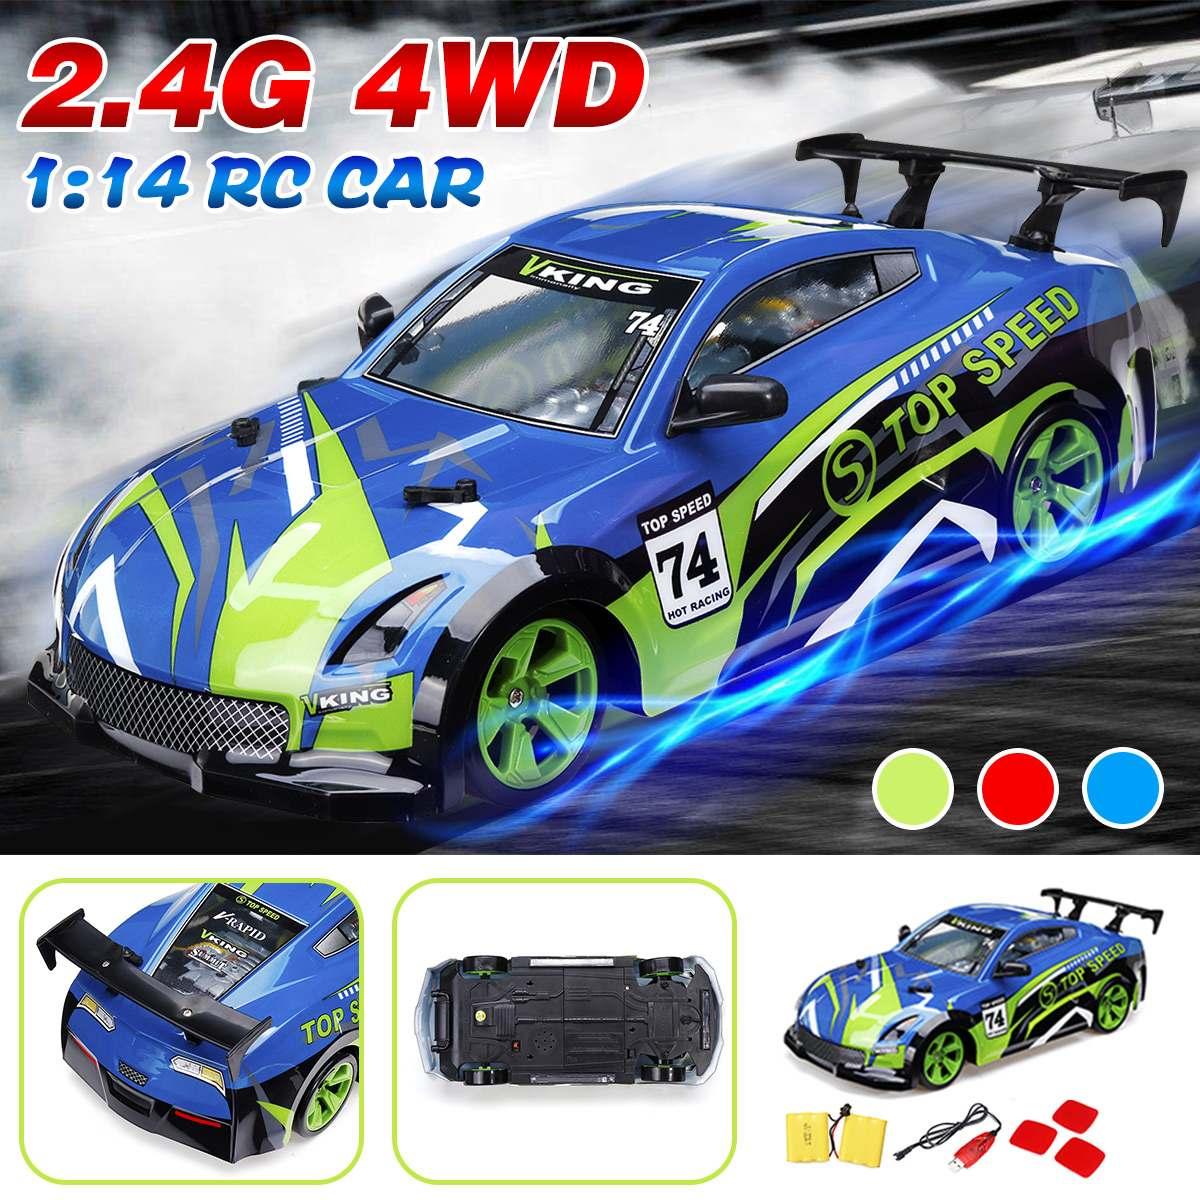 1/14 4WD RC camion 2.4G haute vitesse tout-terrain dérive voiture de course chenille enfants jouet rouge vert bleu Suspension antichoc grand roulement